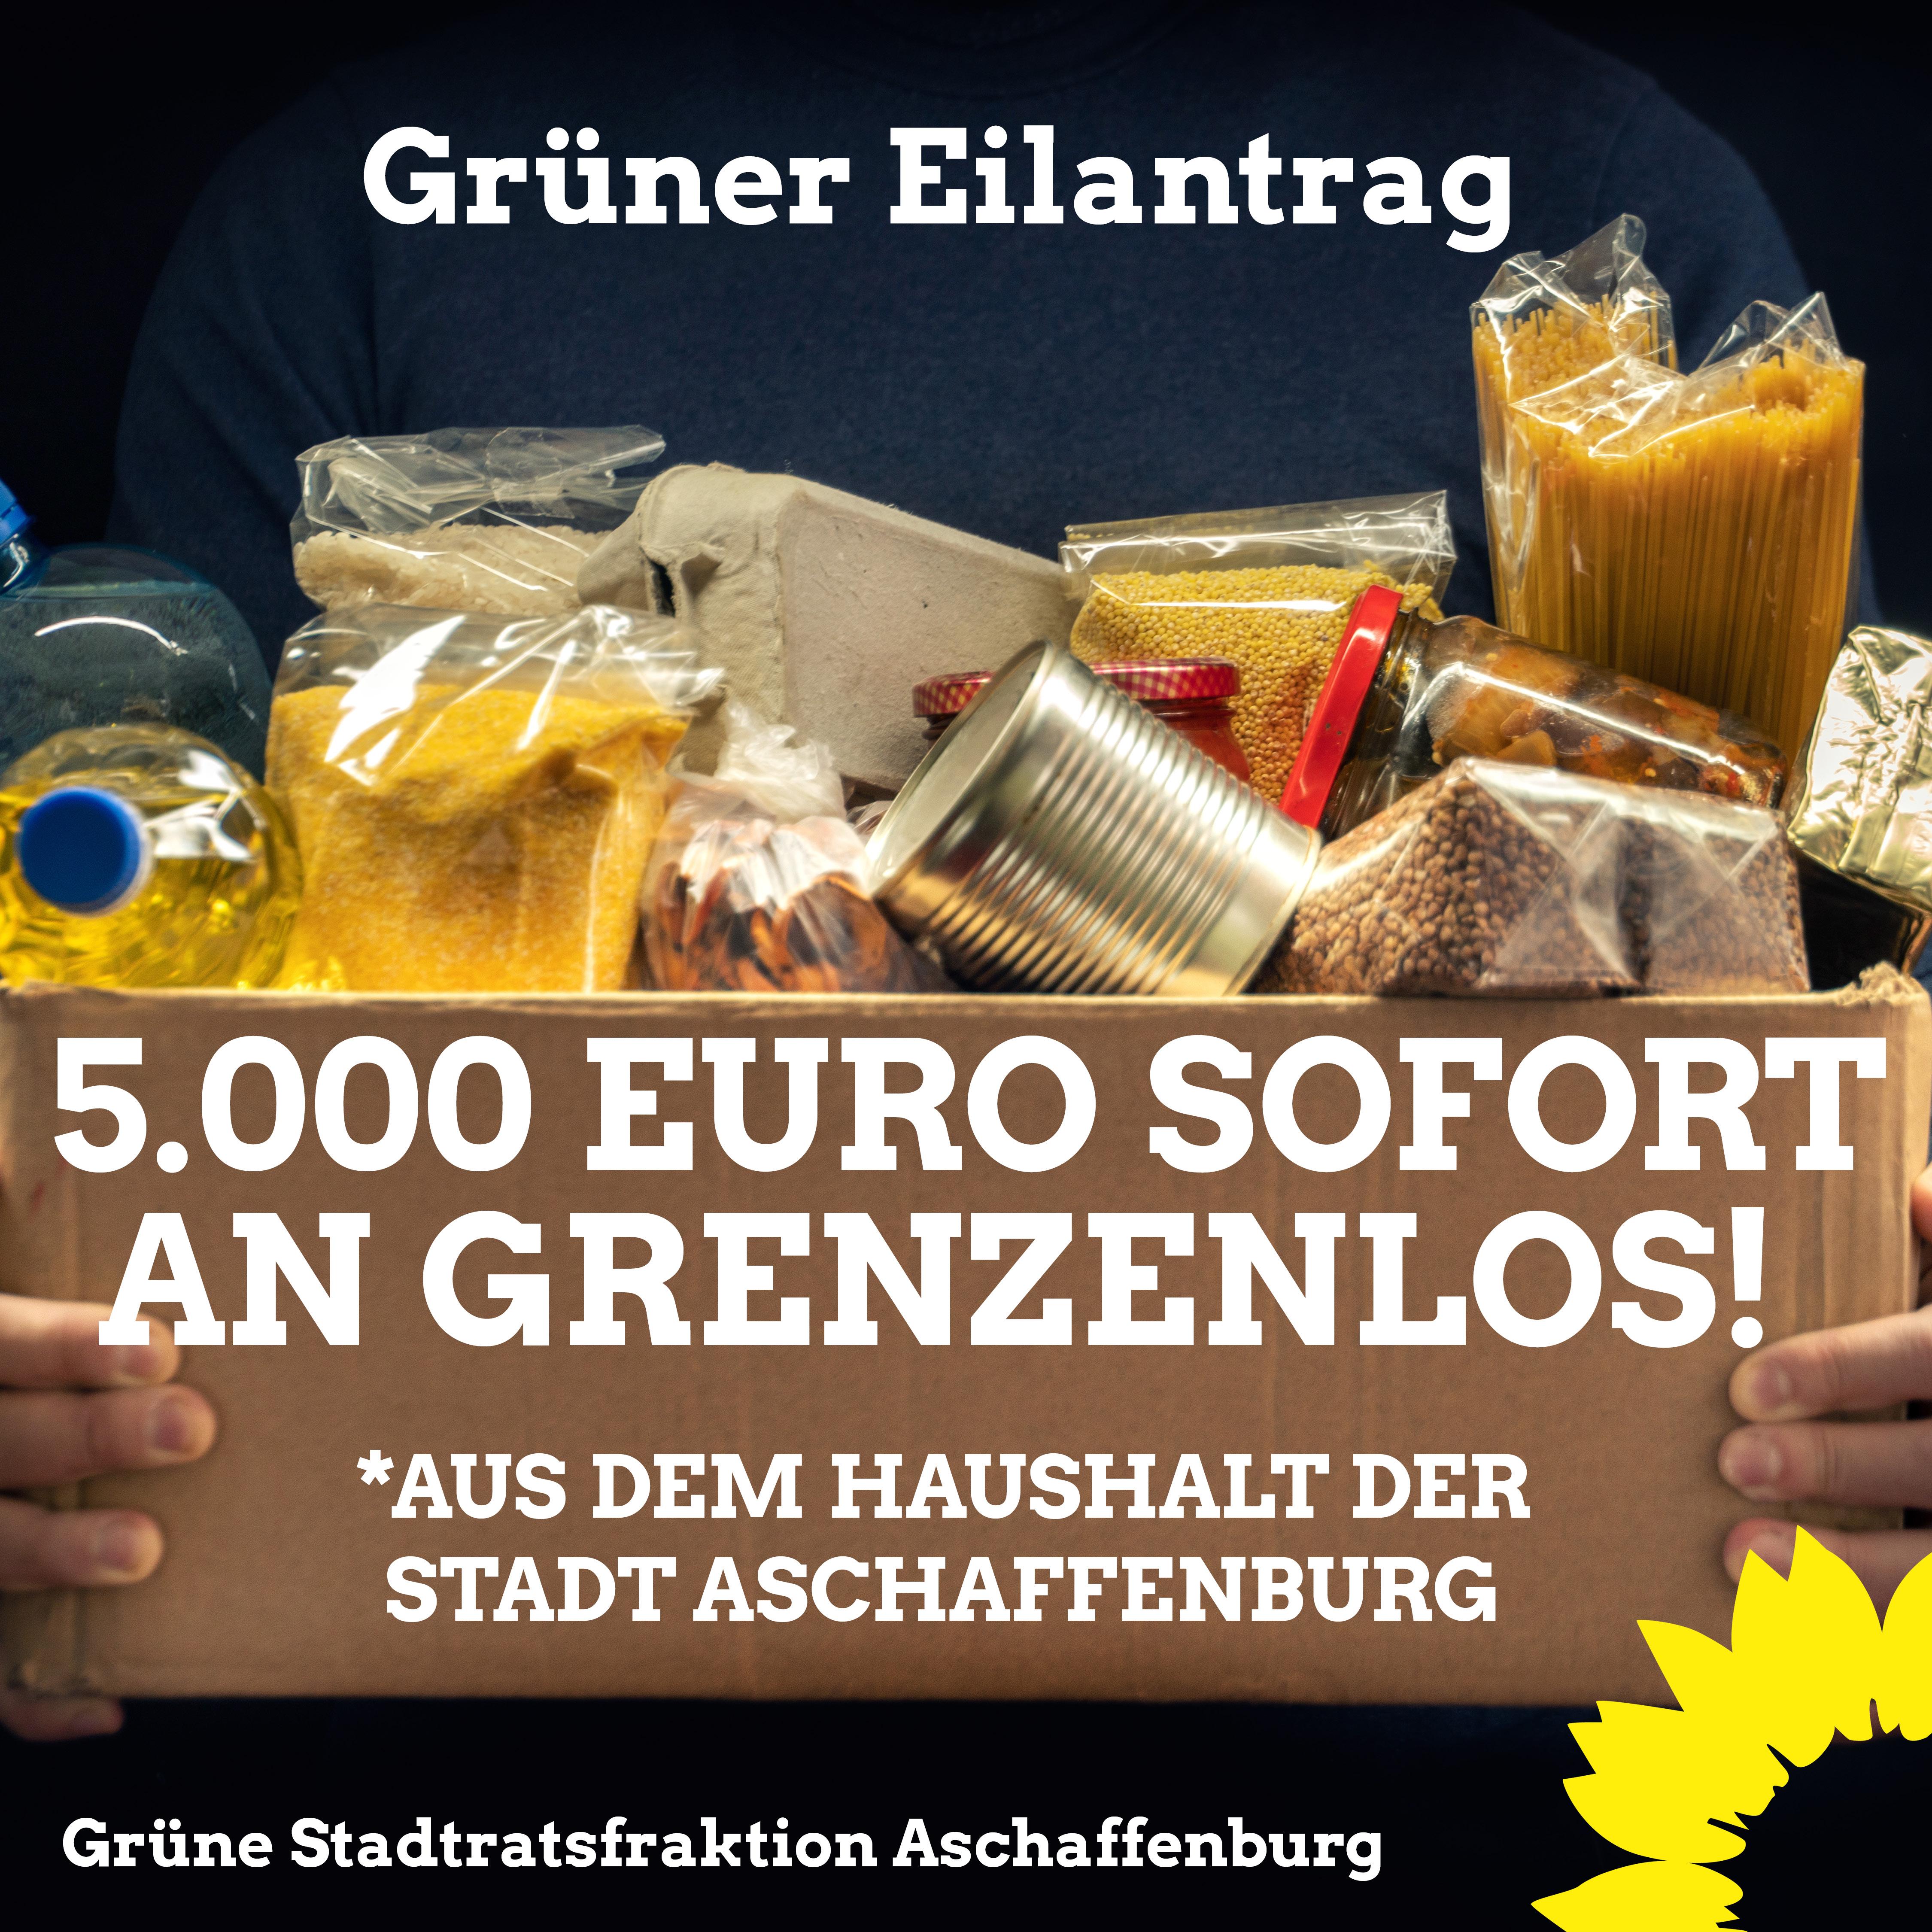 Grüner Eilantrag: 5.000 Euro Soforthilfe der Stadt an Grenzenlos!